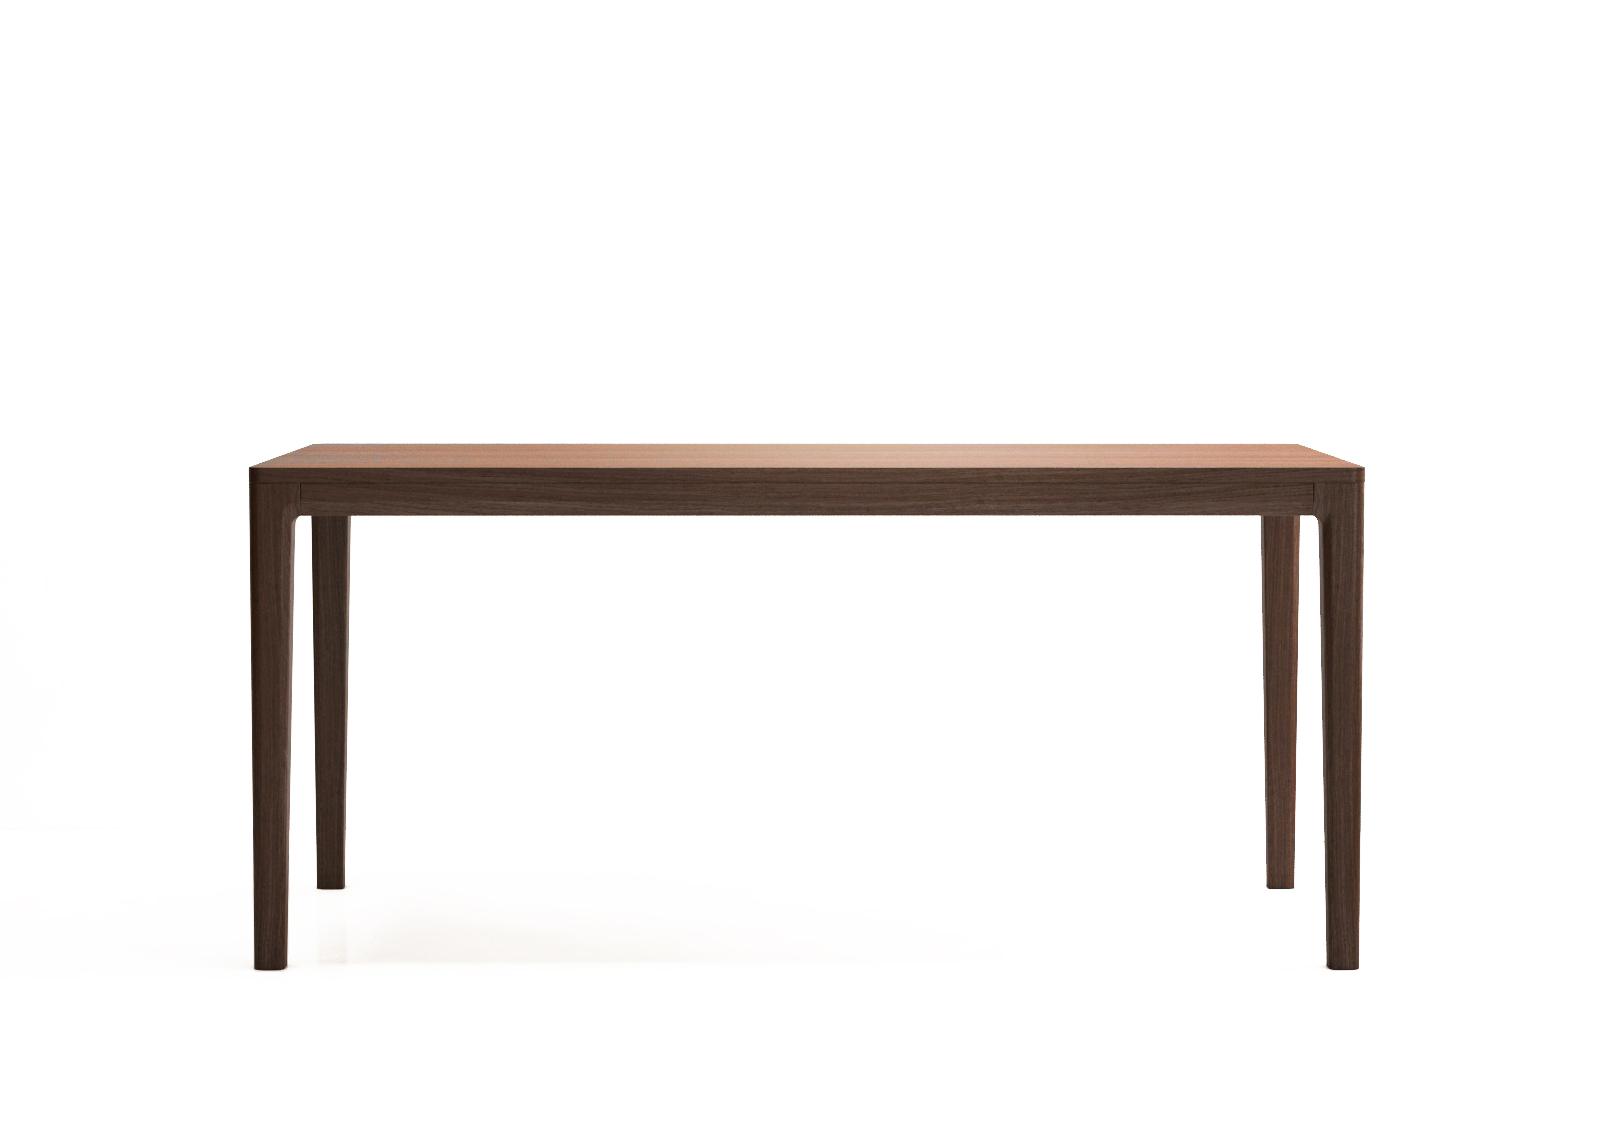 Обеденный стол MAVISОбеденные столы<br>Обеденный стол MAVIS представляет собой безупречный дизайн, элегантность и универсальность.<br>Благодаря своему внешнему минимализму MAVIS отлично впишется в интерьер кухни, столовой или офиса,<br>кроме того, к нему подойдет множество самых разных типов стульев.<br>Размеры стола рассчитаны на 6-8 персон.<br>Стол MAVIS доступен в пяти видах отделки: светлый дуб, темный дуб, дуб венге, беленый дуб, дуб орех.<br><br>Material: Дуб<br>Width см: 160<br>Depth см: 75<br>Height см: 80